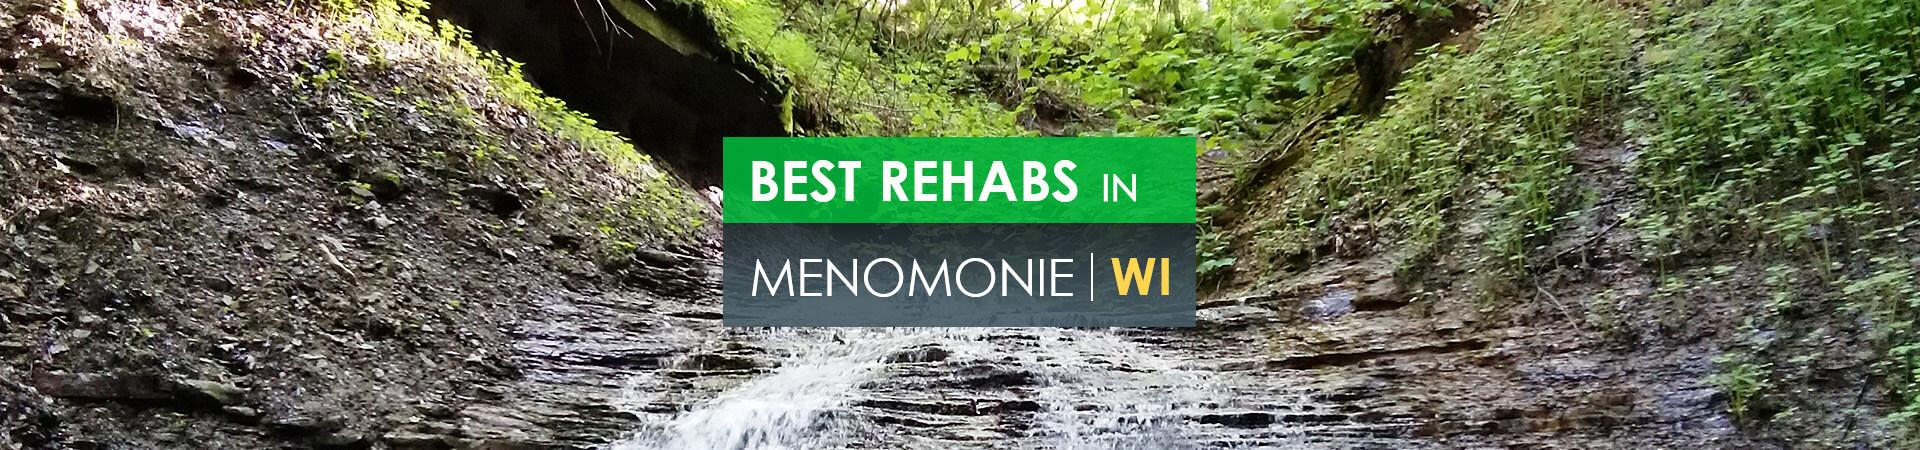 Best rehabs in Menomonie, WI